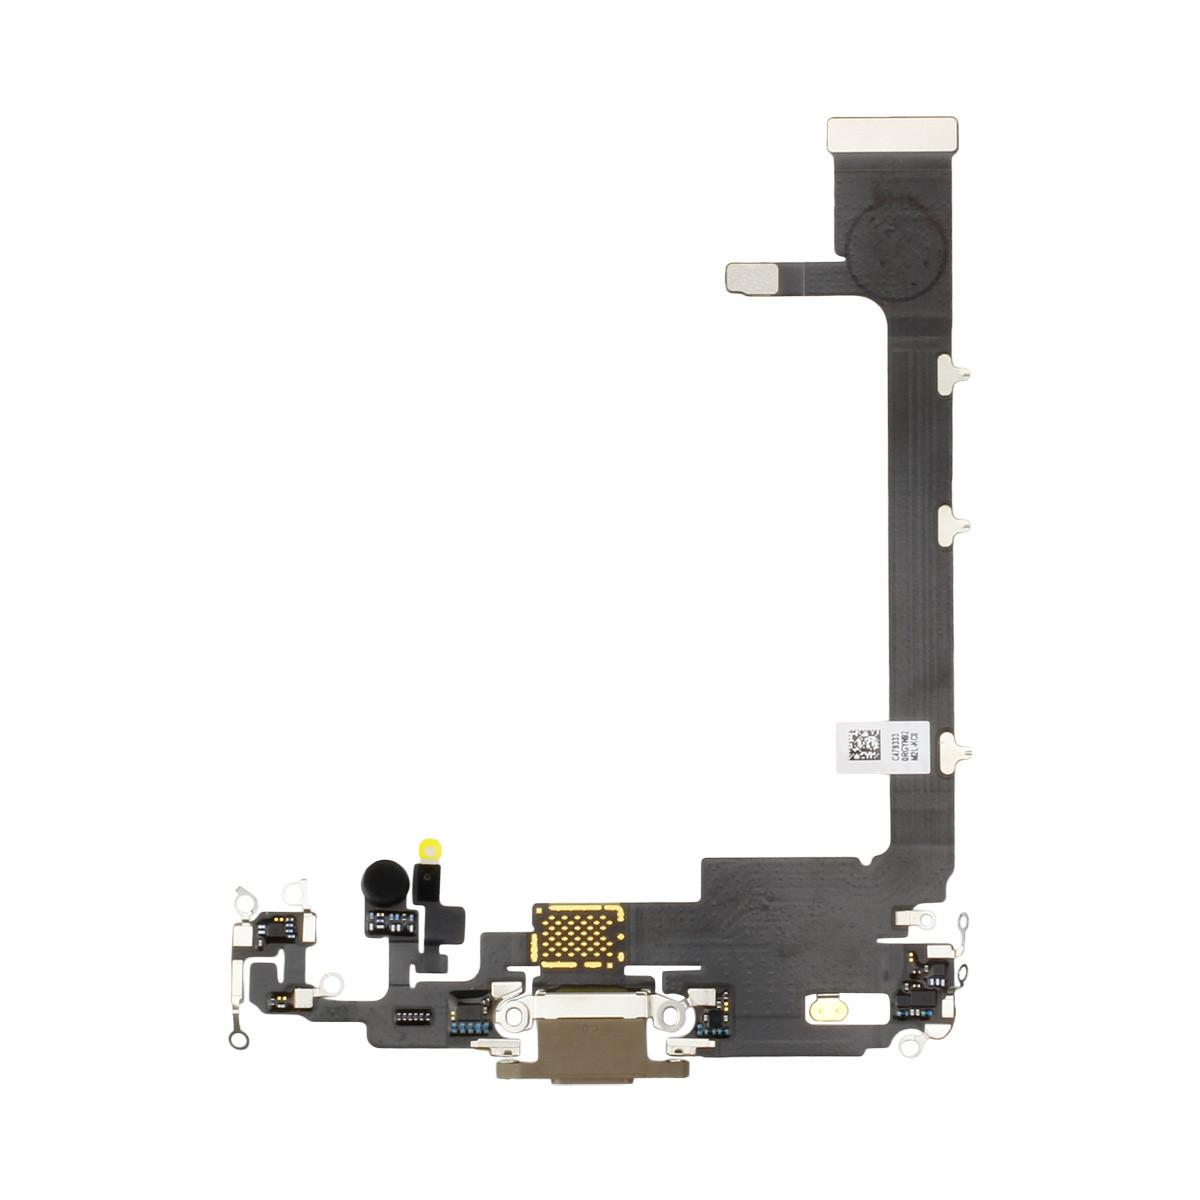 Apple Dock-Connector mit Flexkabel, passend für iPhone 11 Pro Max, ohne Connector-C...